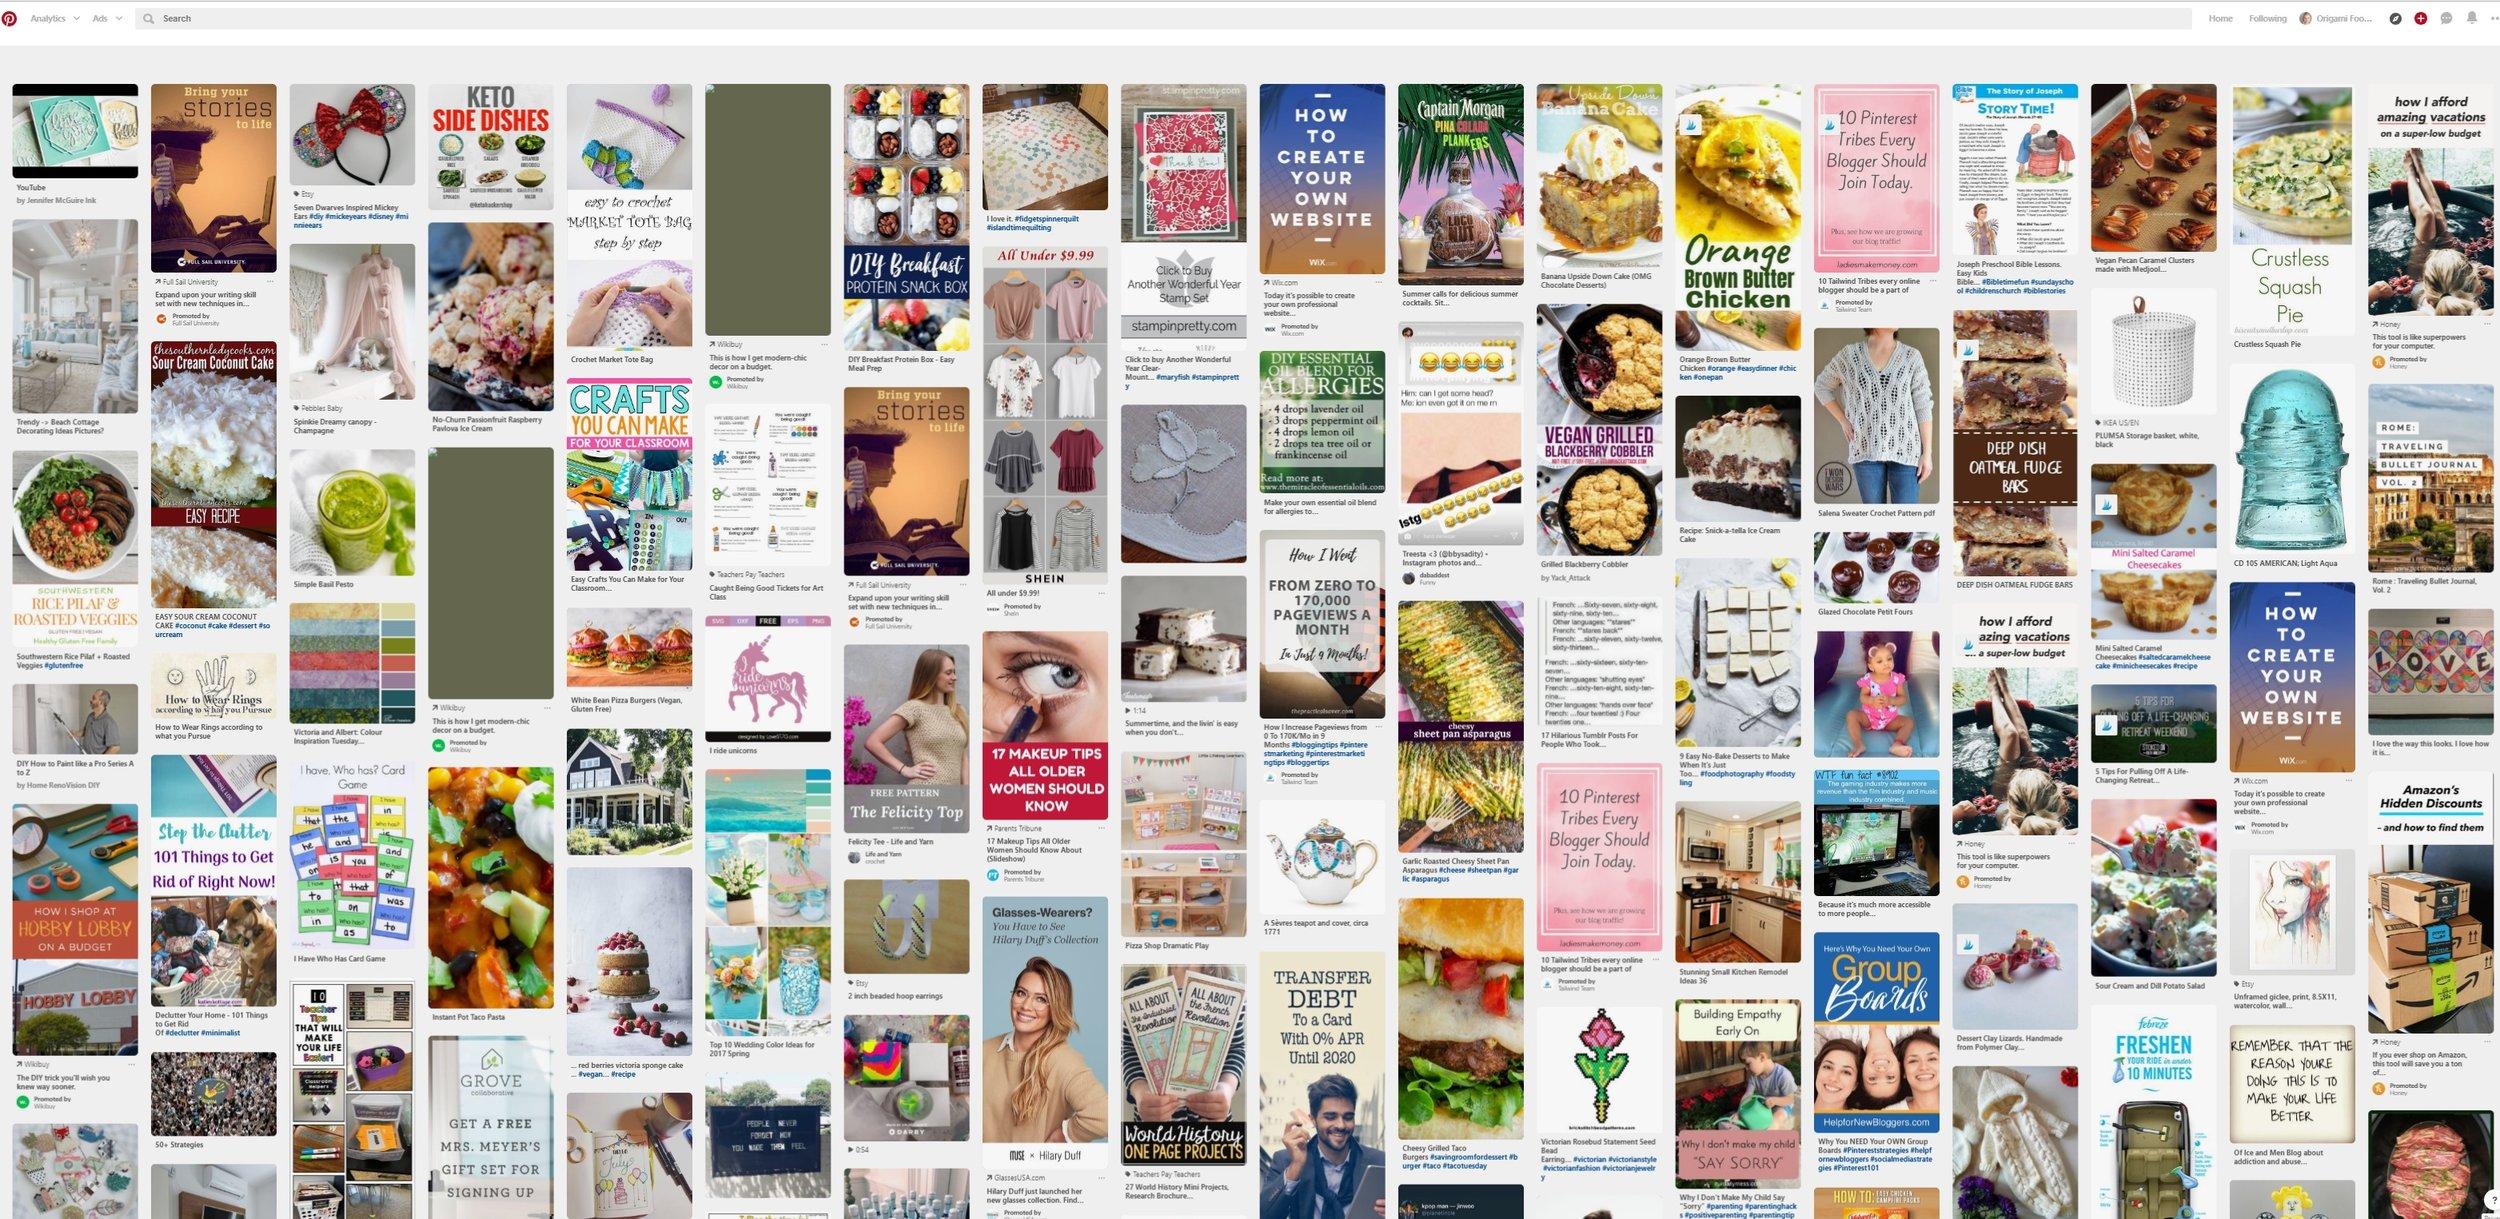 pinterst feed generic.jpg